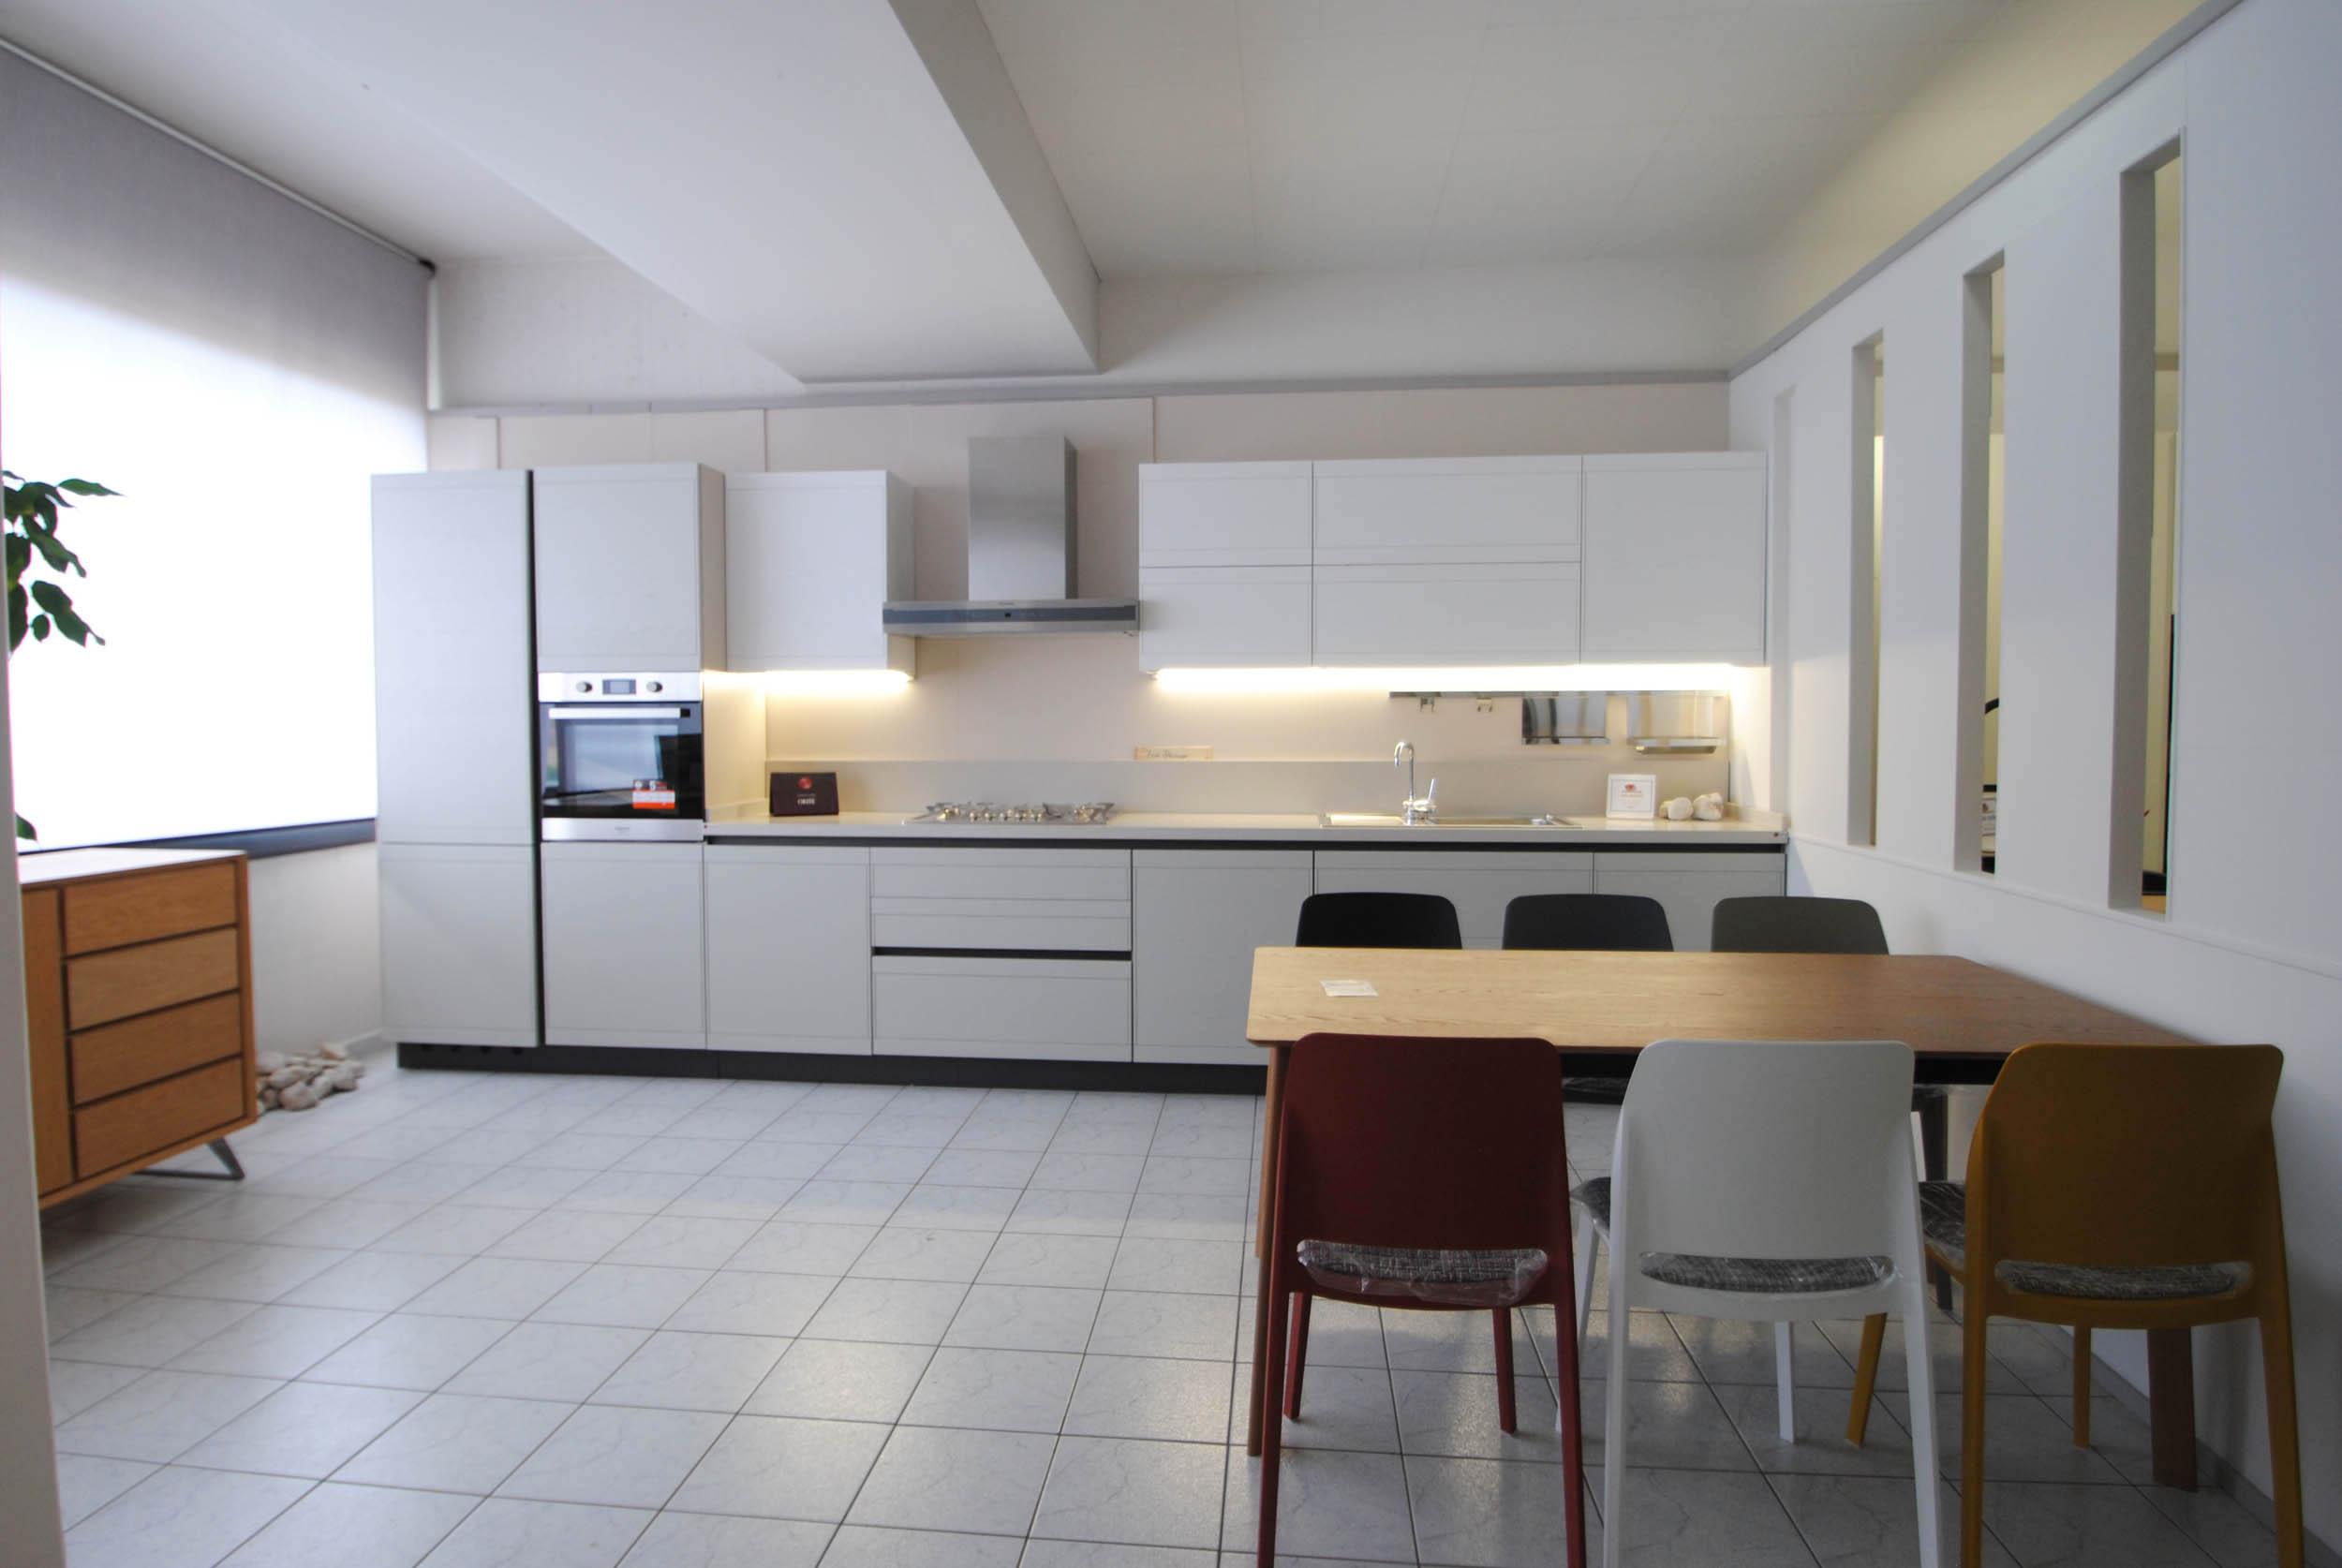 Vendita cucine mobili patriarca tortoreto arredamento for Mobili cucine teramo